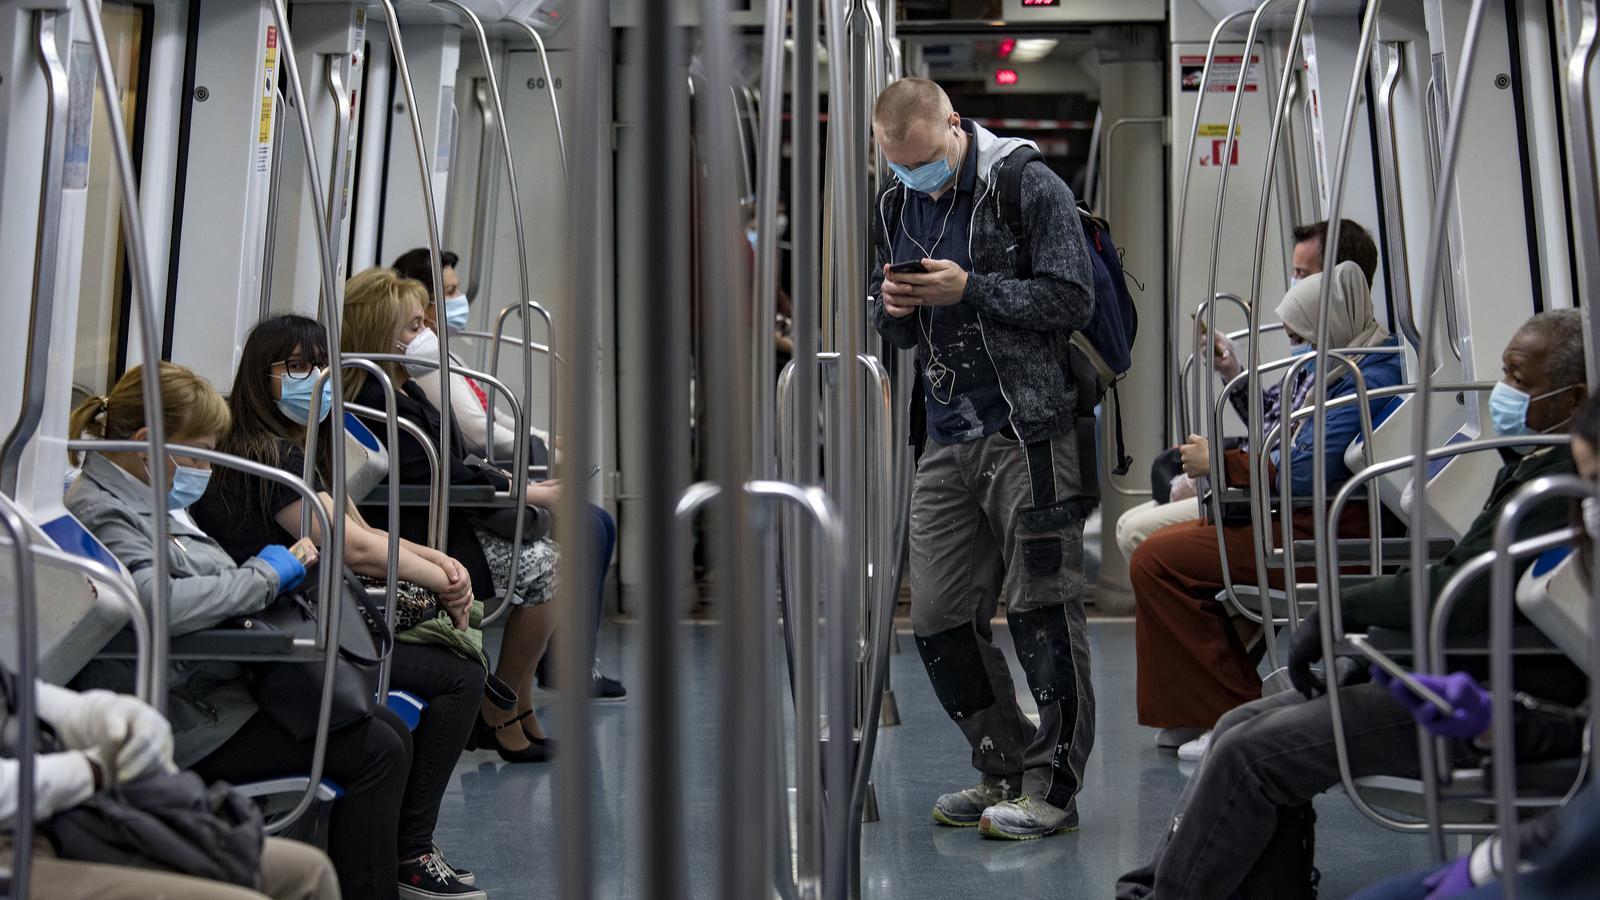 El metro de Barcelona, amb tots els usuaris amb mascareta